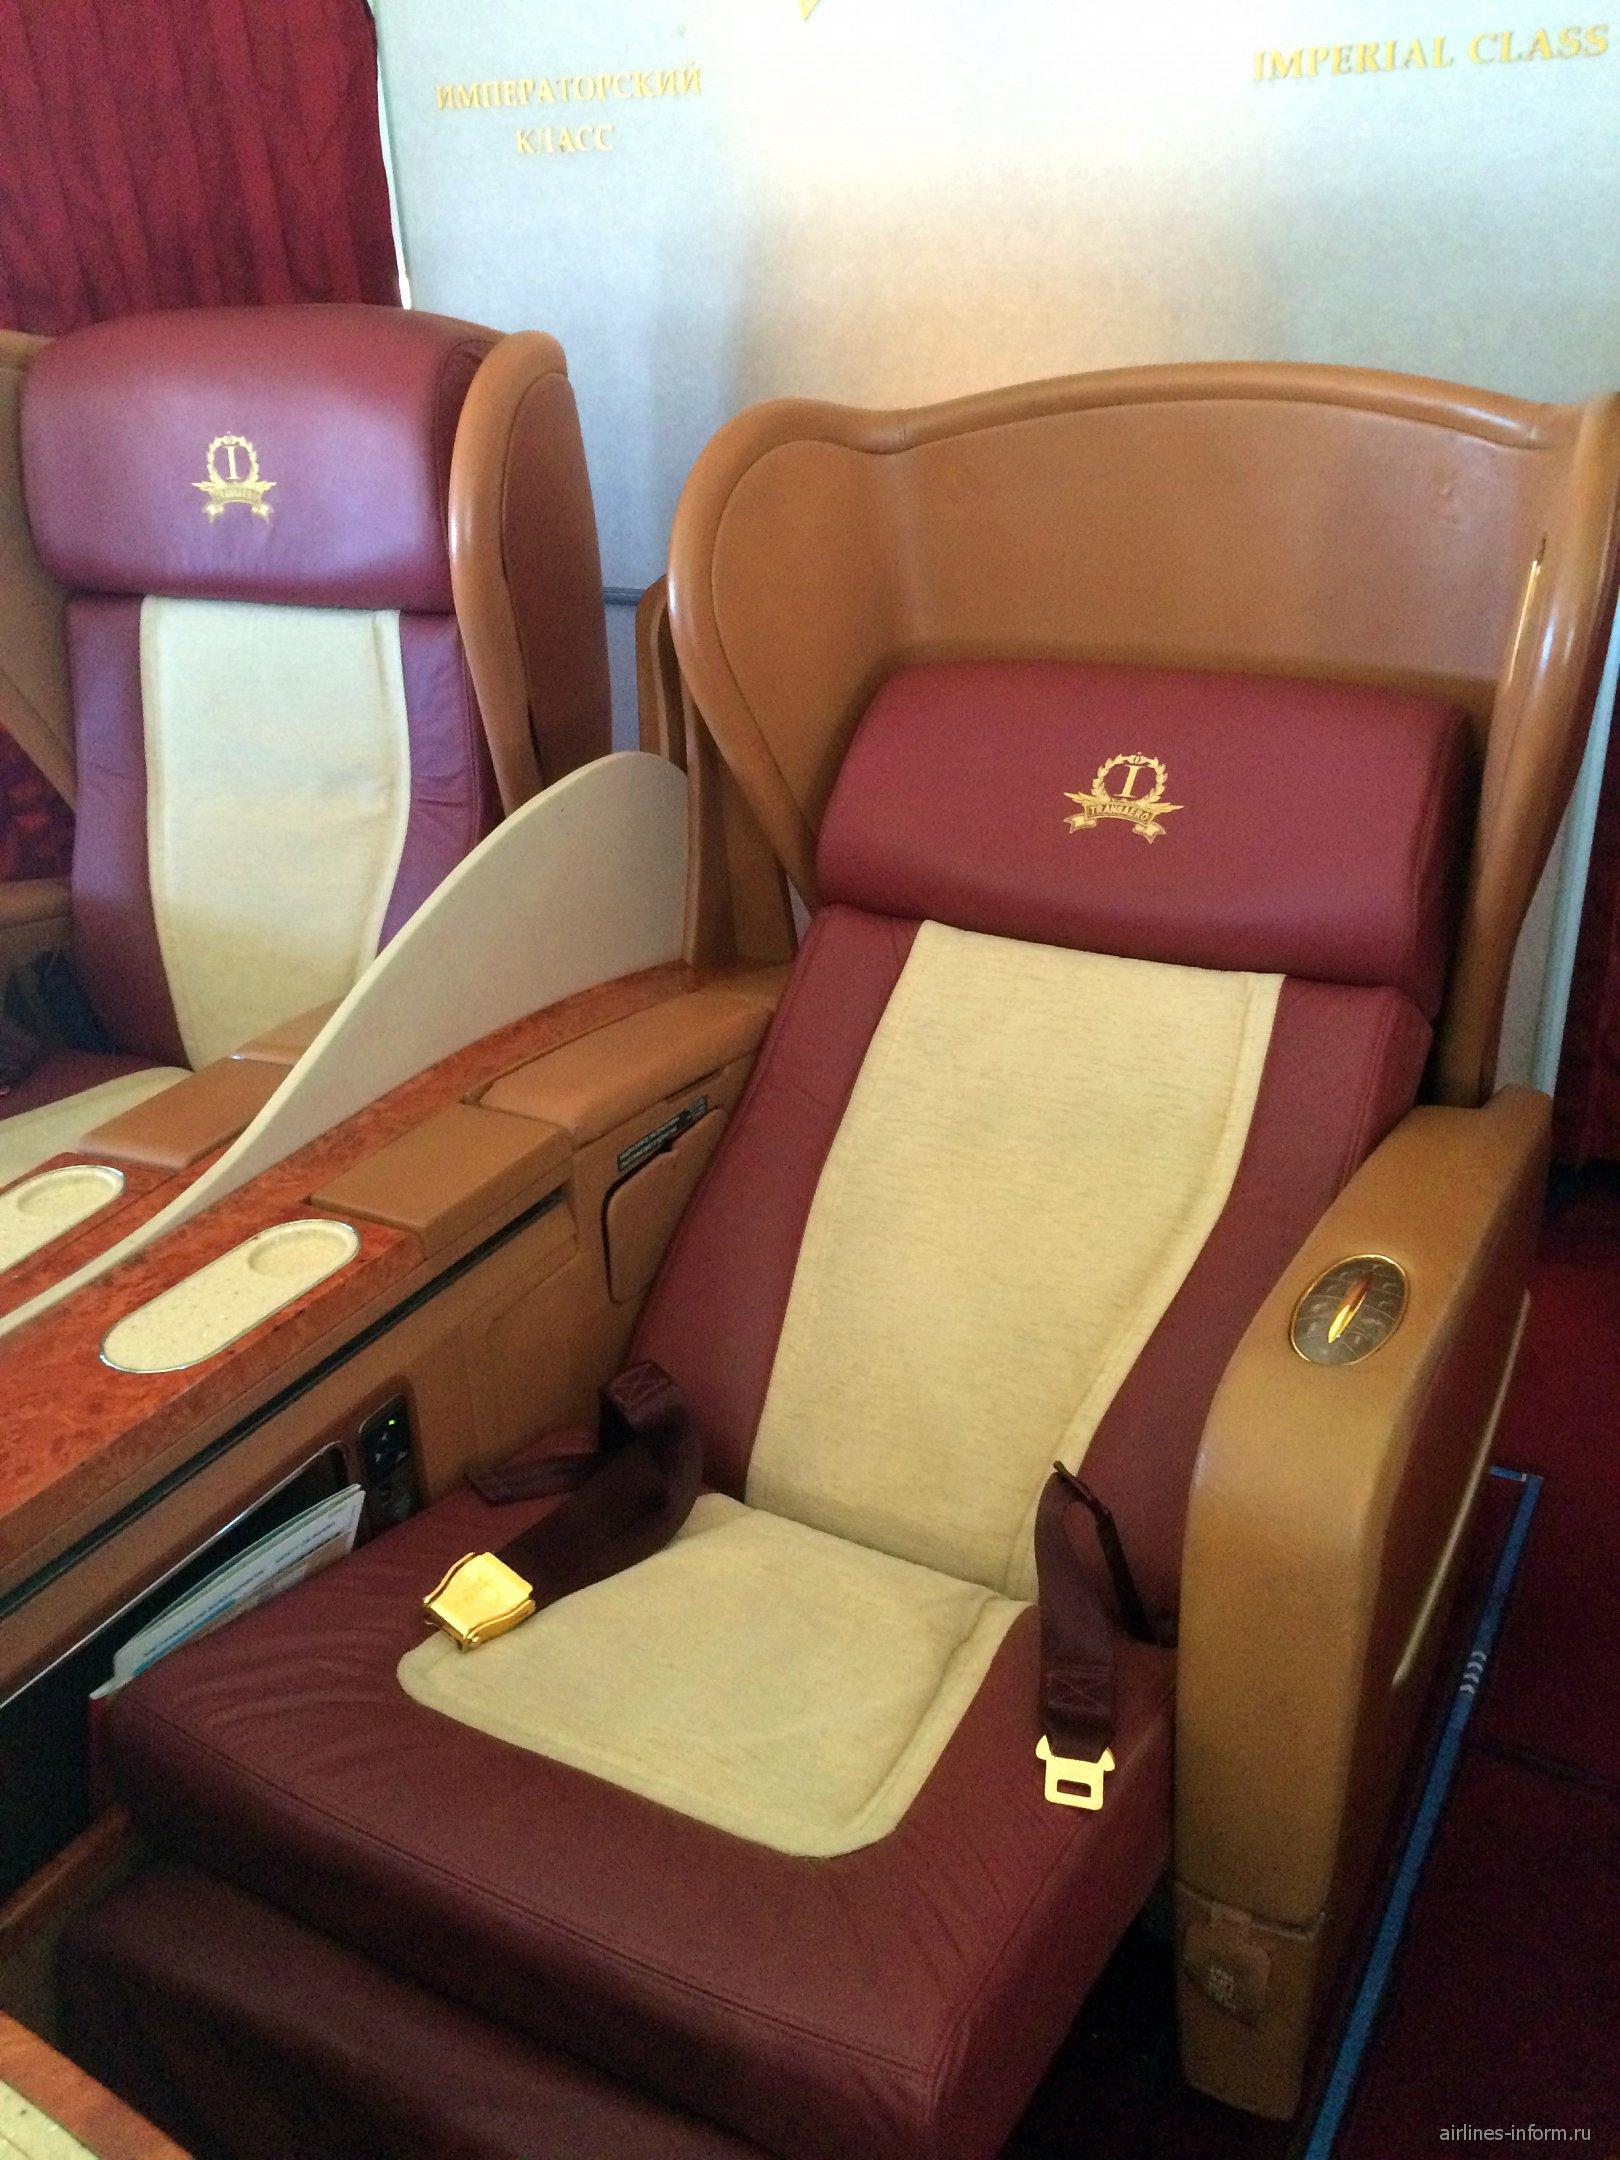 """Пассажирское кресле класса """"Империал"""" в самолете Боинг-747-400 """"Трансаэро"""""""